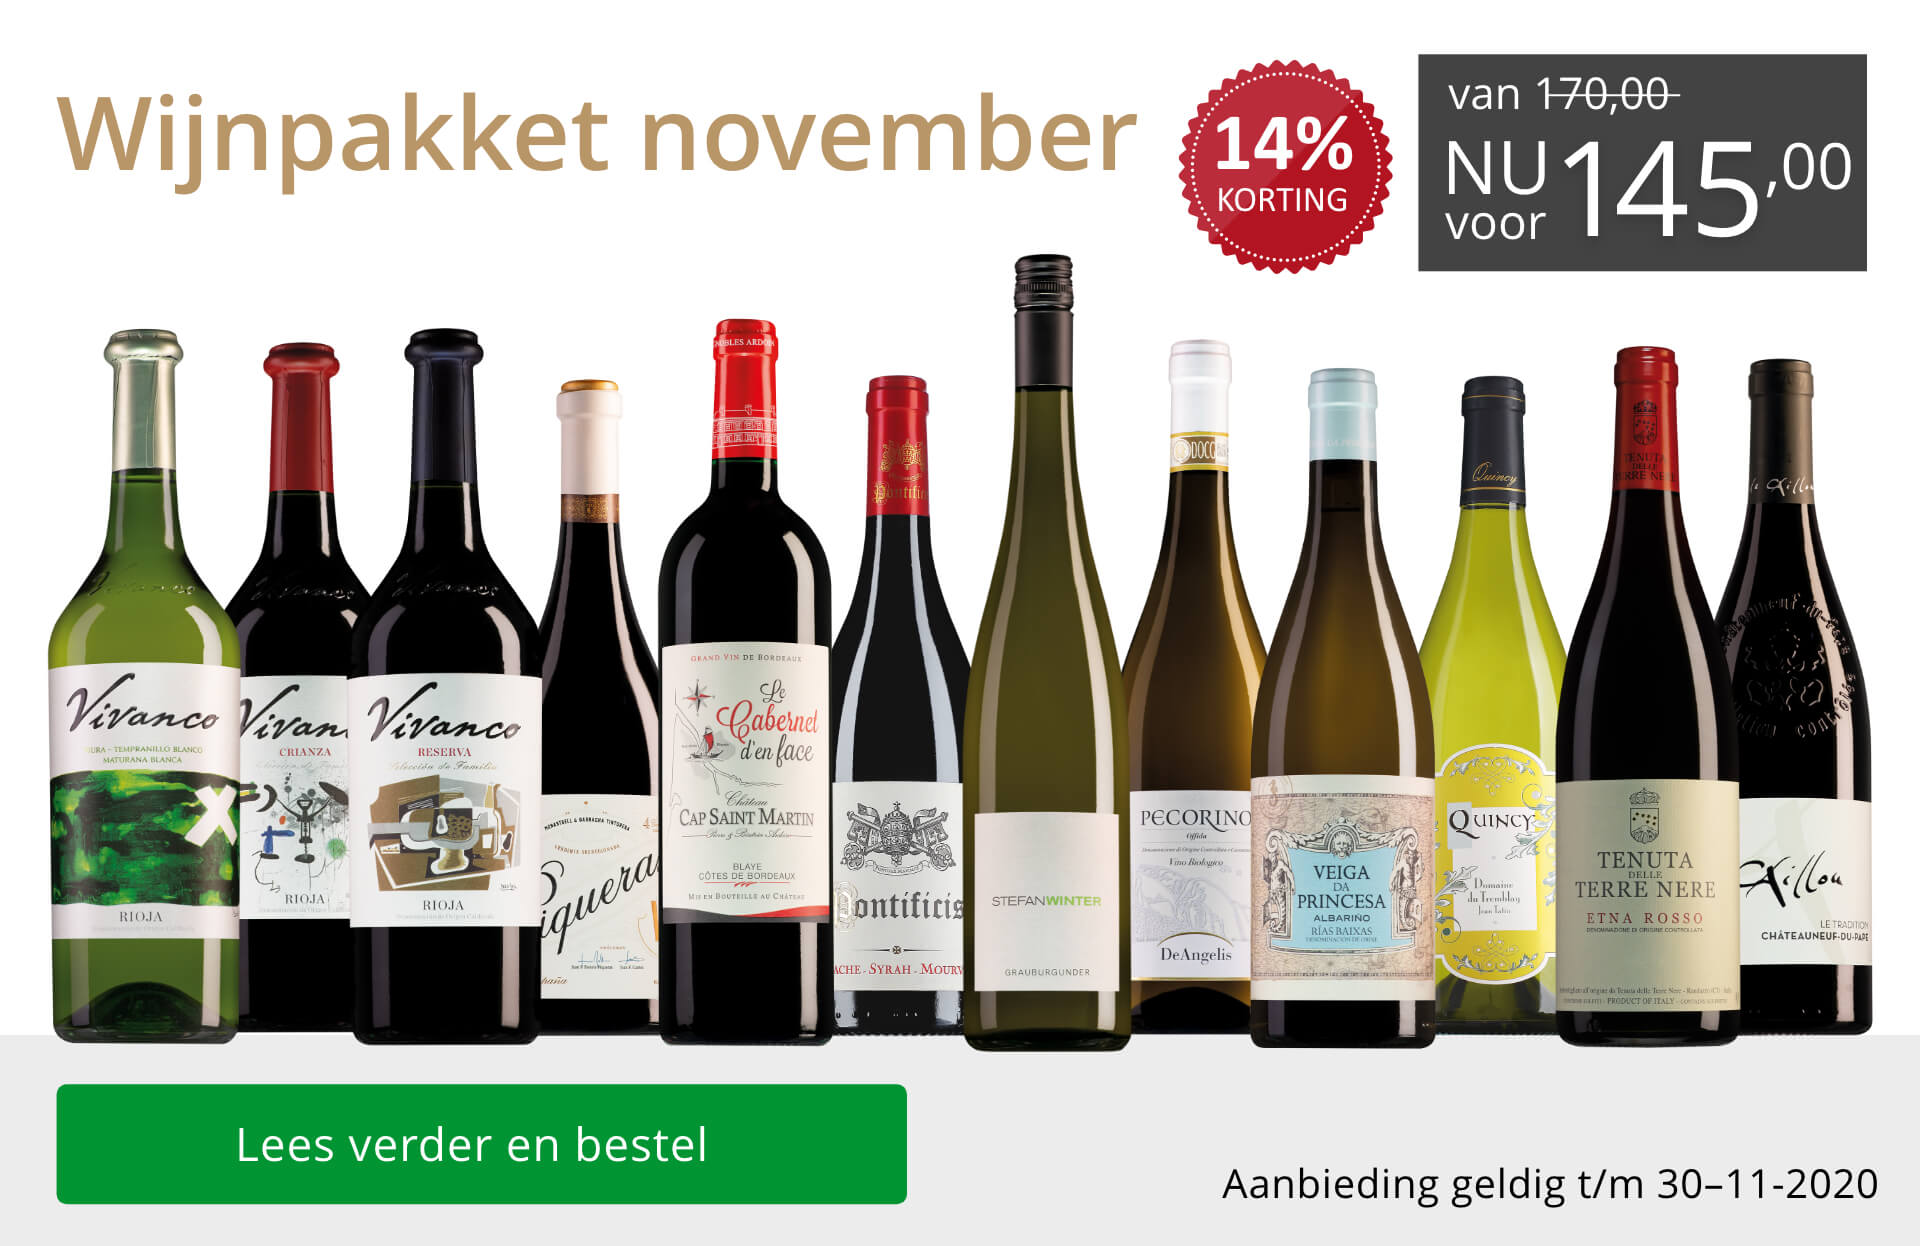 Wijnpakket wijnbericht november 2020(145,00)-grijs/goud